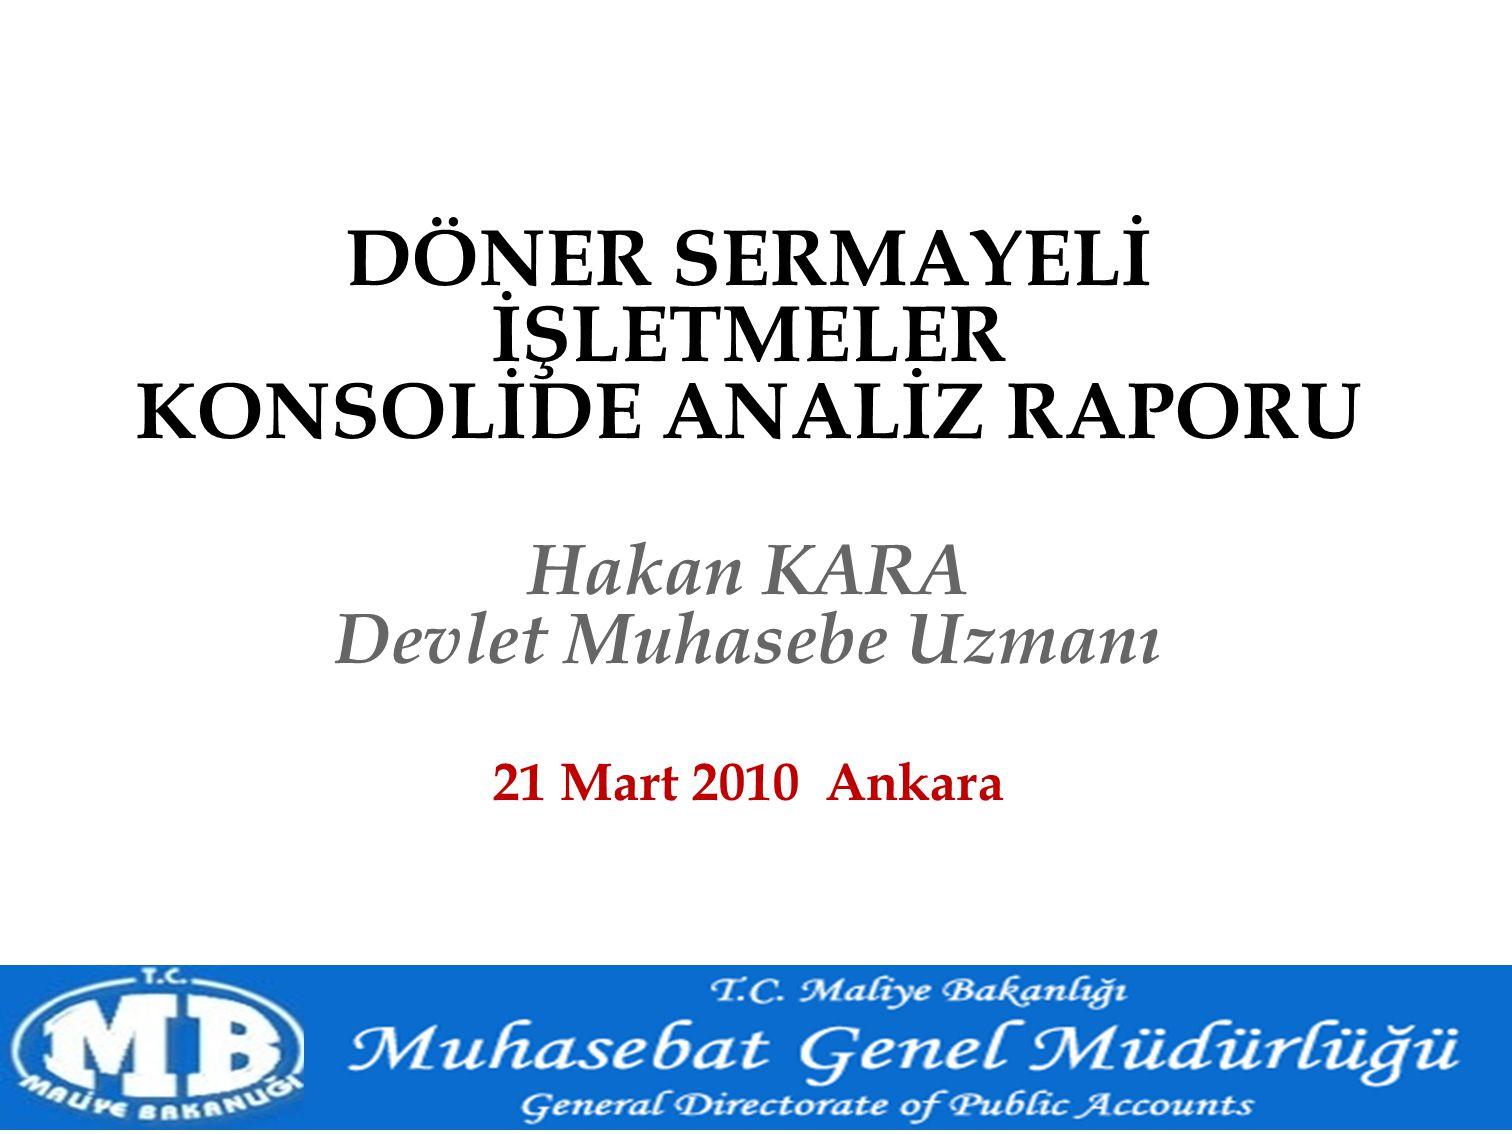 DÖNER SERMAYELİ İŞLETMELER KONSOLİDE ANALİZ RAPORU